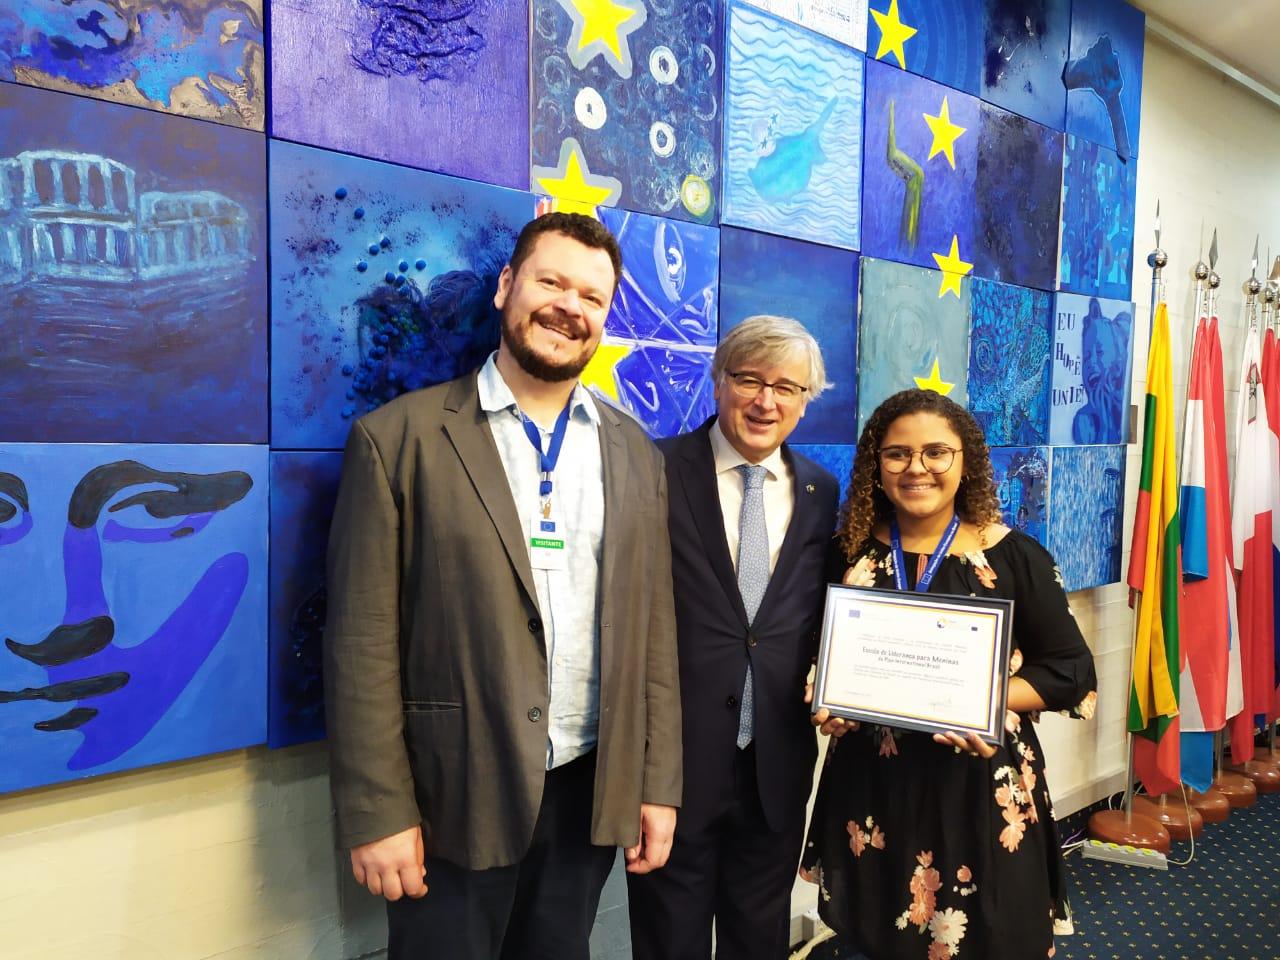 Dois homens e uma jovem posam para foto. A jovem segura um certificado da premiação de direitos humanos da União Europeia, concedido à Plan International Brasil.